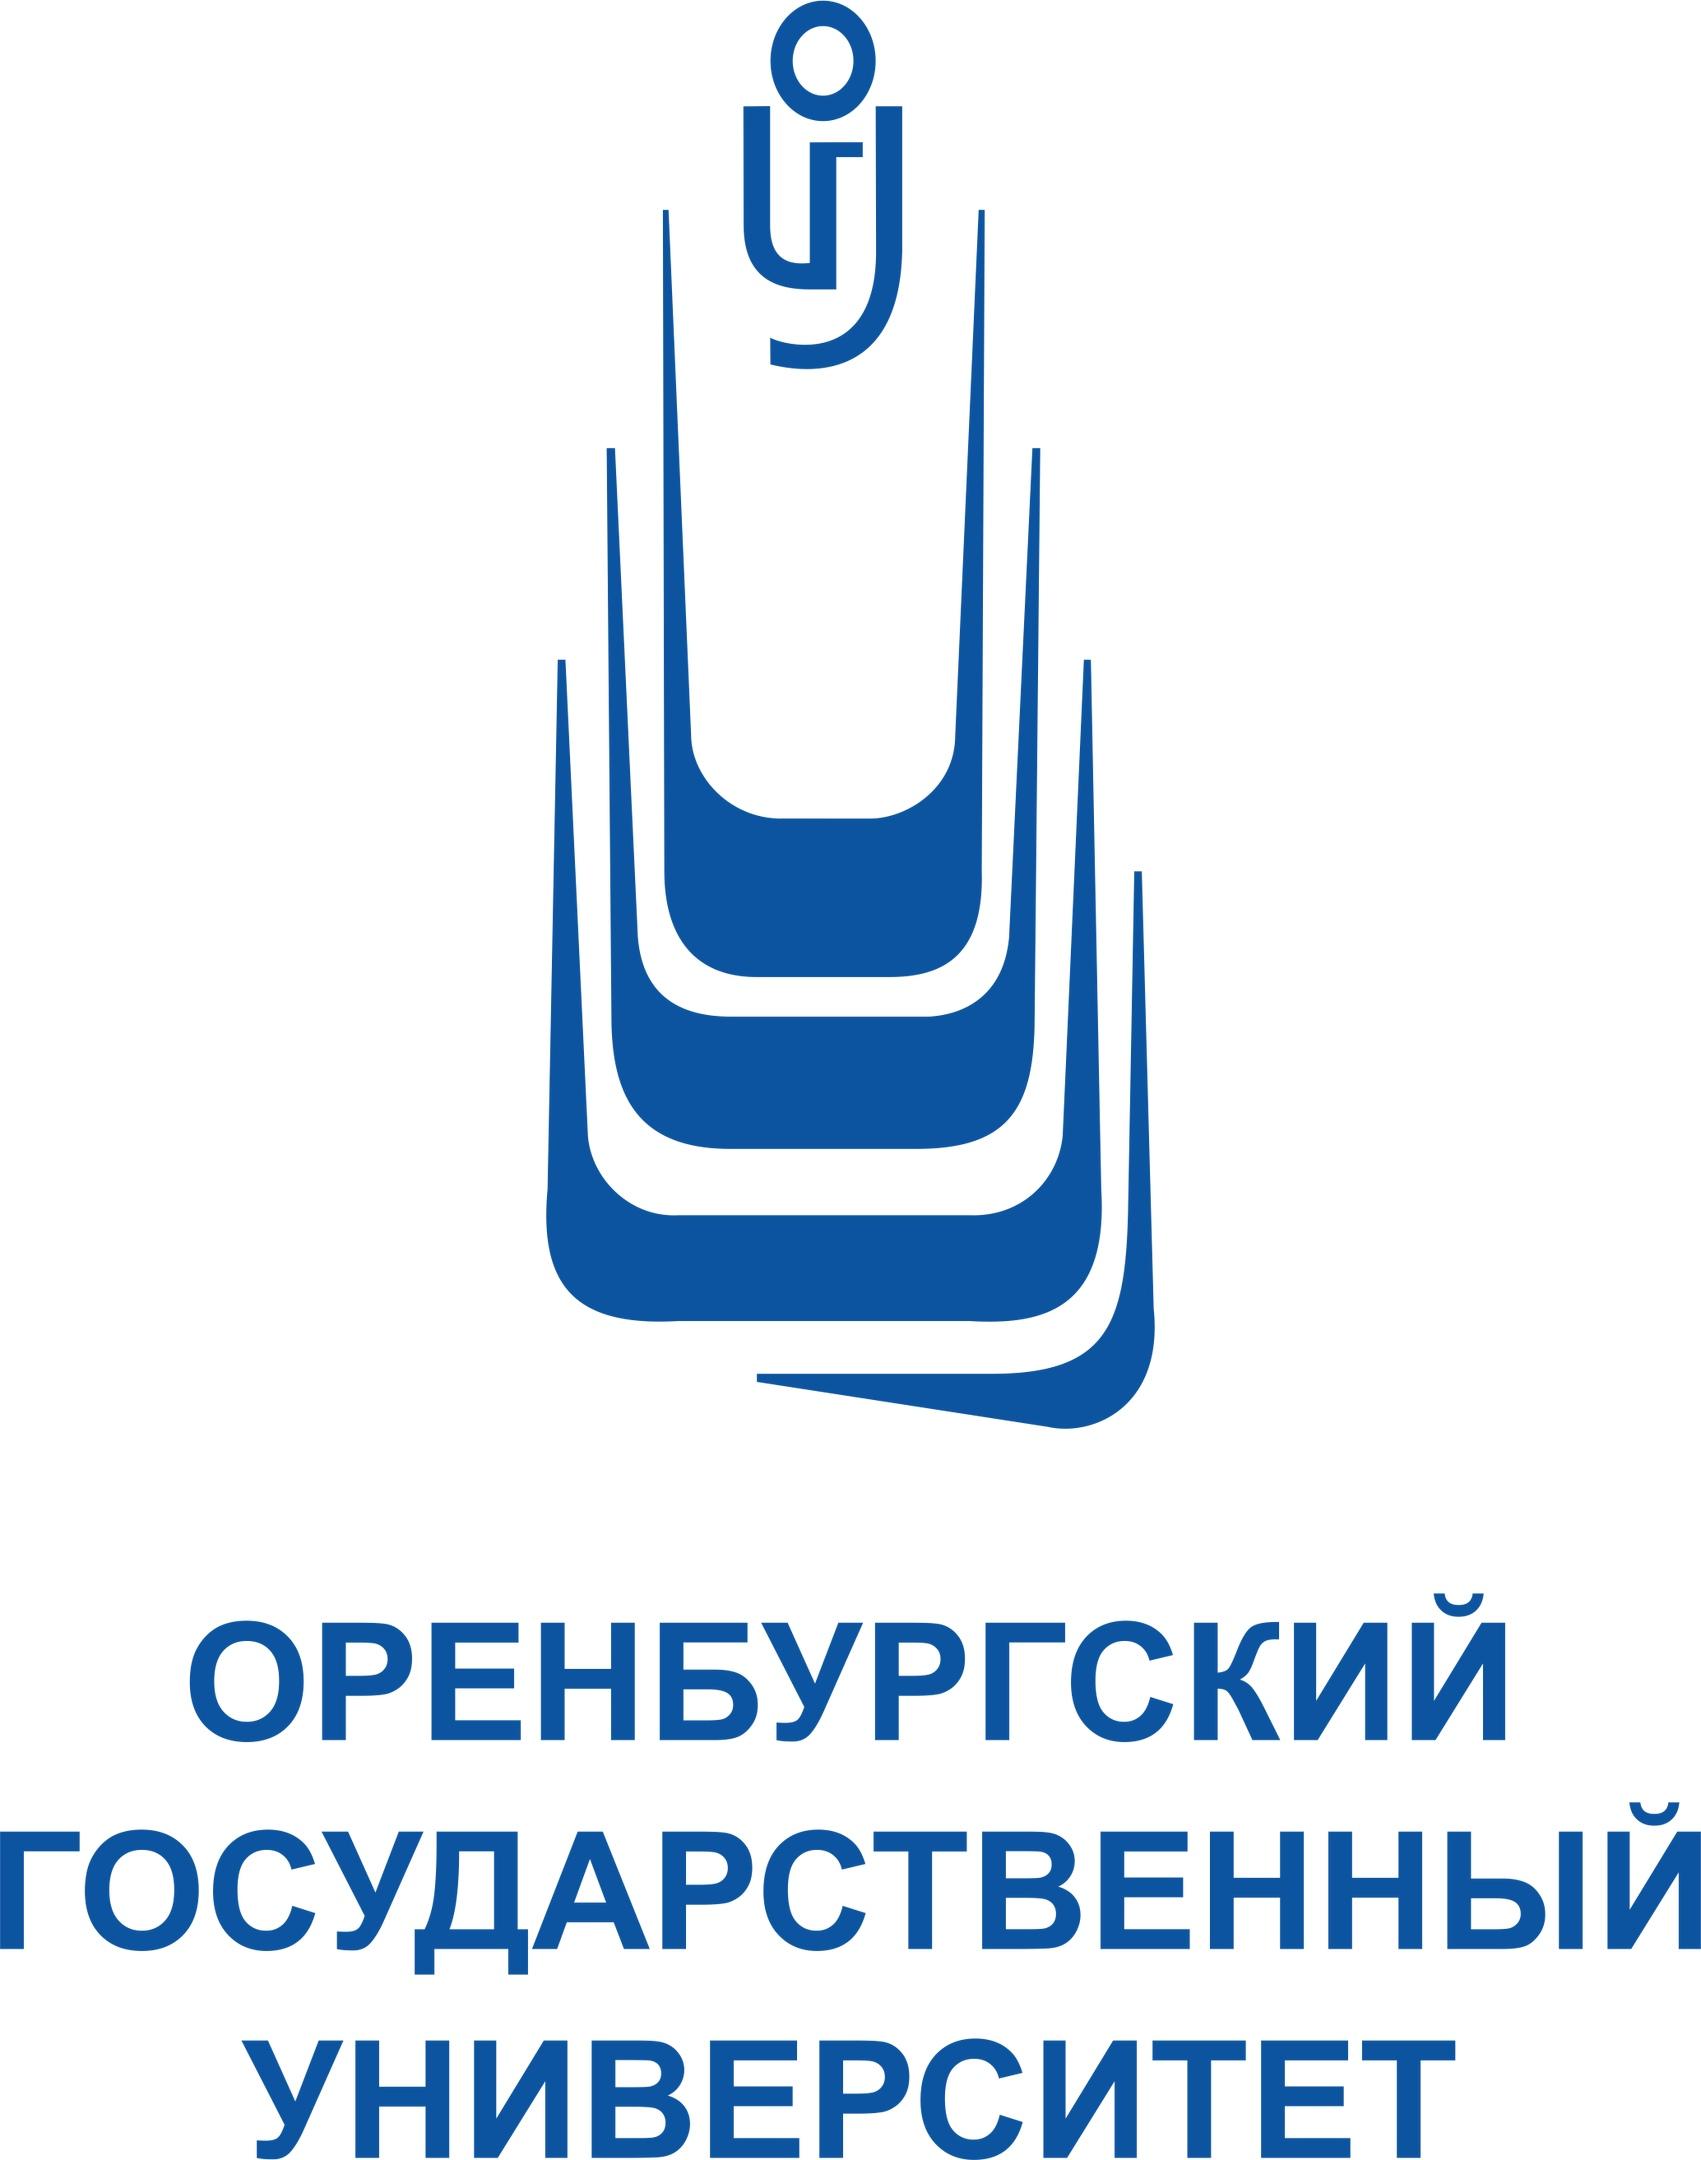 Оренбургский государственный